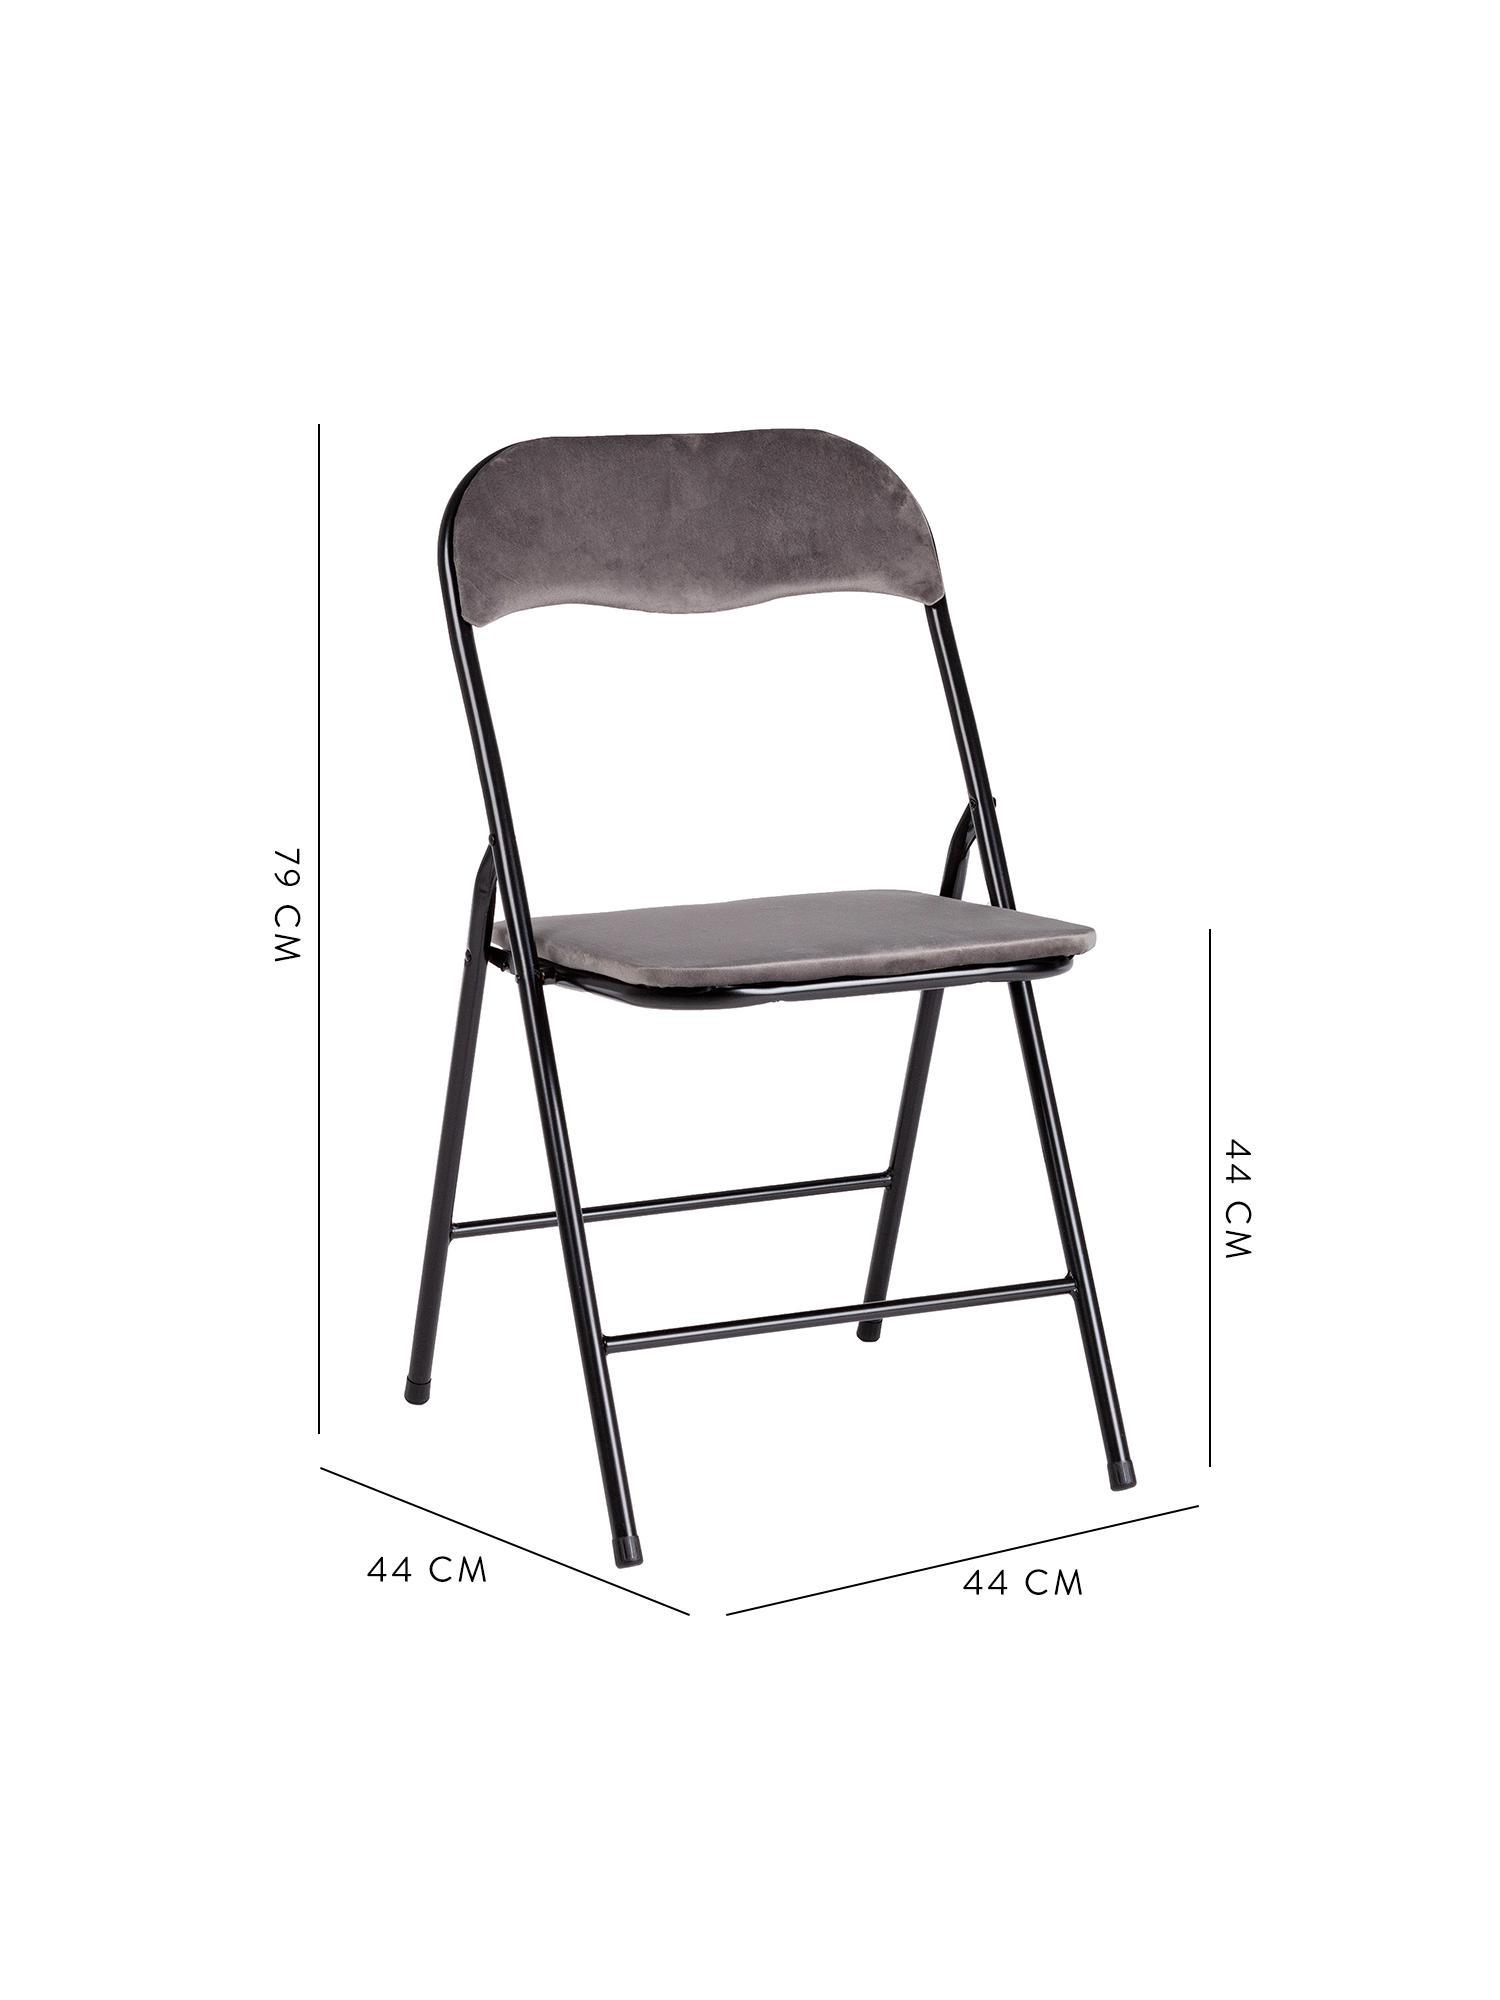 Krzesło składane z aksamitu Amal, Tapicerka: aksamit poliestrowy, Stelaż: metal malowany proszkowo, Szary, S 44 x G 44 cm